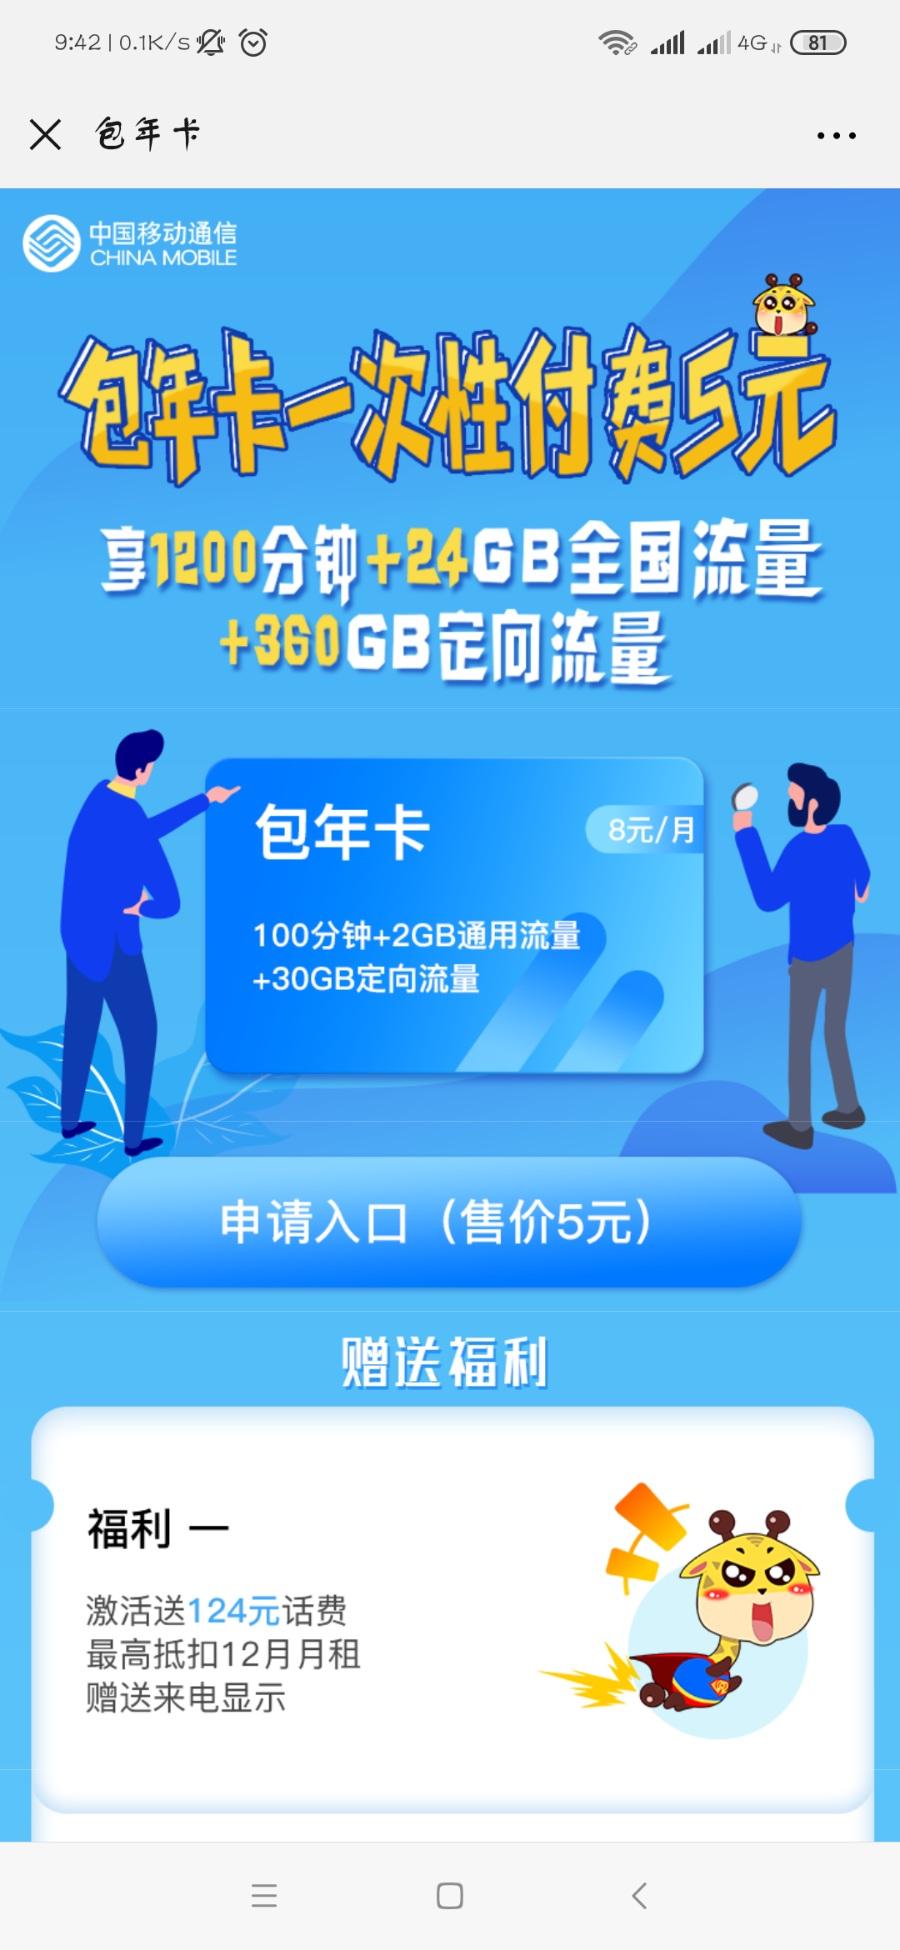 中国移动包年卡!5元用一年!速度抢!